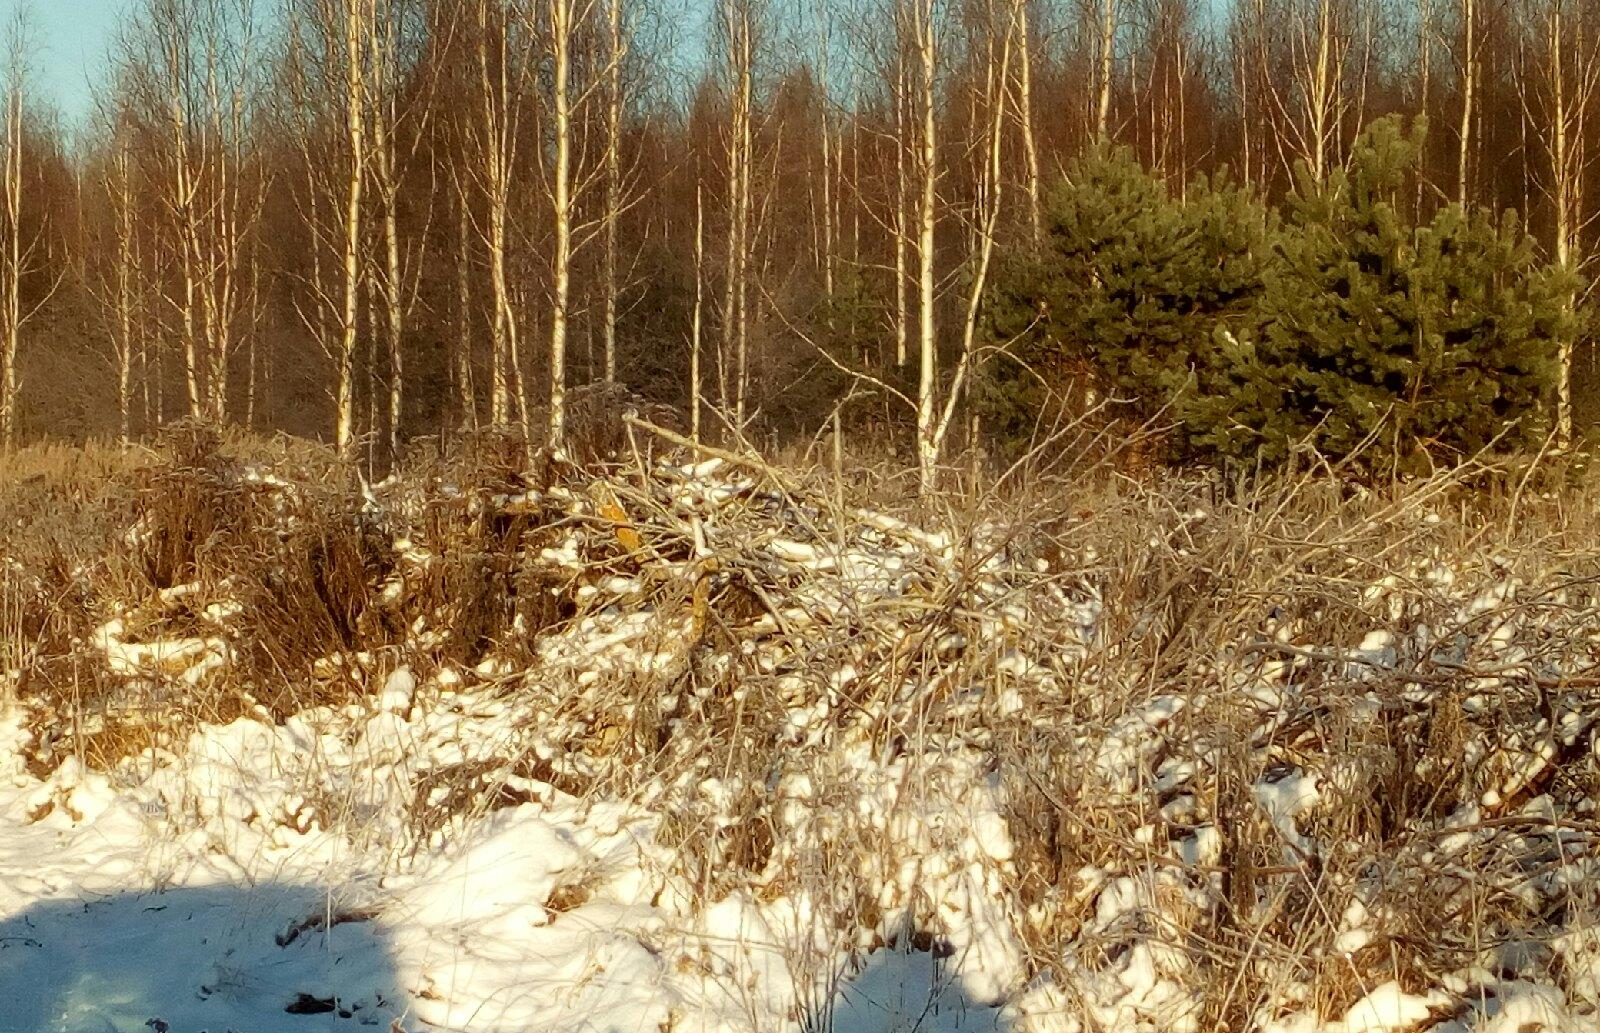 В Кимрском районе выявлено загрязнение земель сельскохозяйственного назначения порубочными остатками - новости Афанасий